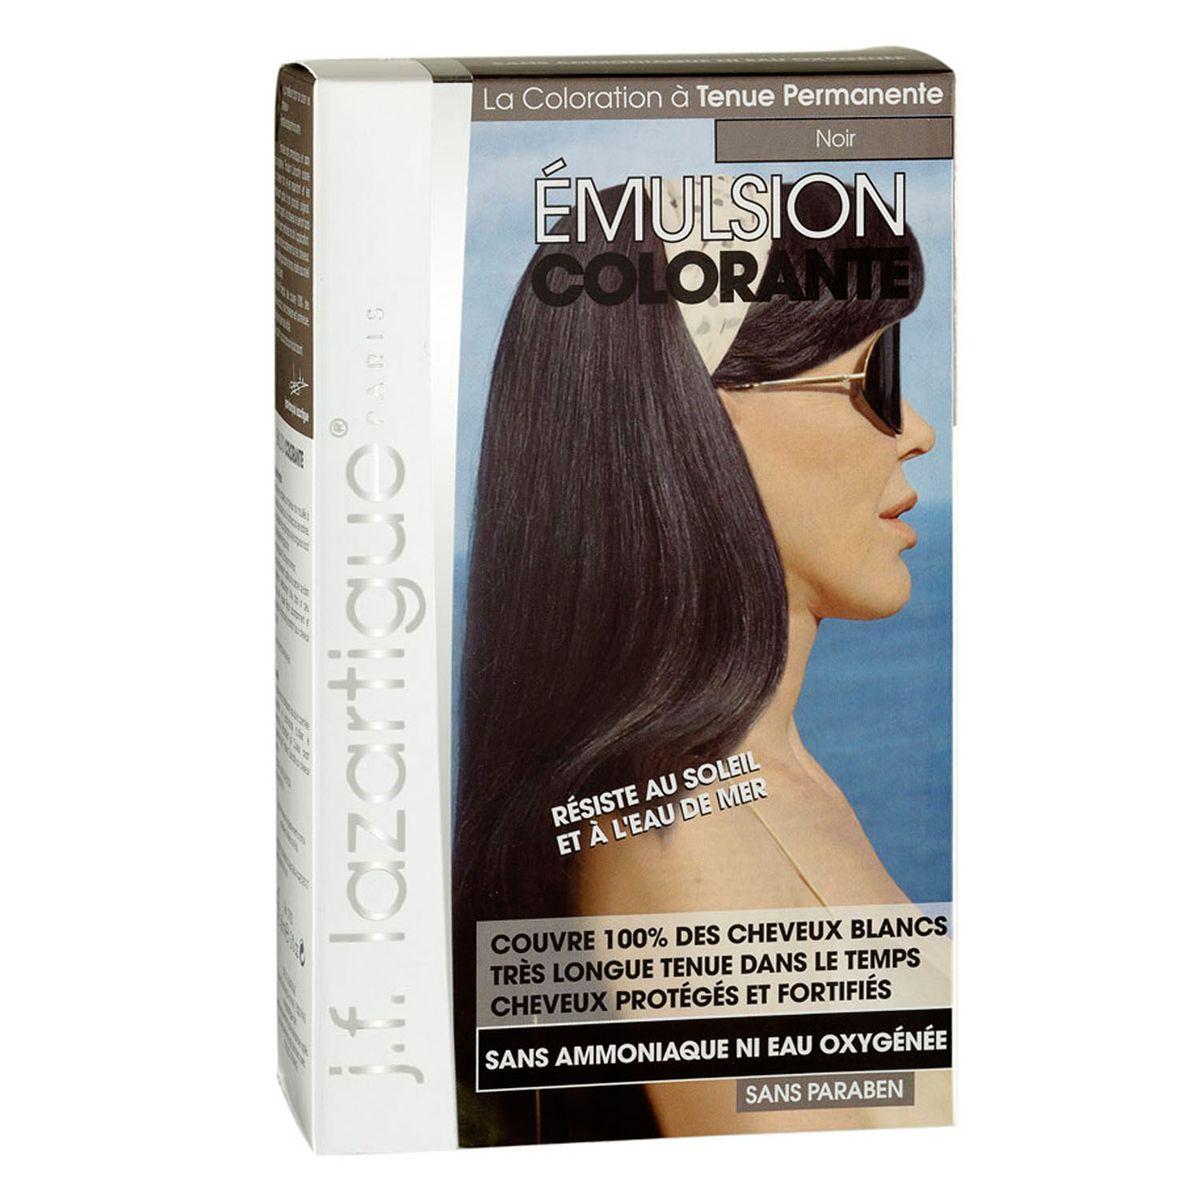 J.F.Lazartigue Оттеночная эмульсия для волос Черный 60 млCF5512F4Благодаря оригинальной формуле полностью (на 100%) скрывает седину, длительное время сохраняет цвет, поддерживает здоровье и жизненную силу волос и сохраняет эти качества, несмотря на воздействие солнечных лучей, морской воды и прочих неблагоприятных экологических факторов. Не осветляет, не повреждает, а укрепляет волосы. Не содержит аммиака, перекиси водорода и парабенов. Не предназначена для окрашивания бровей и ресниц.